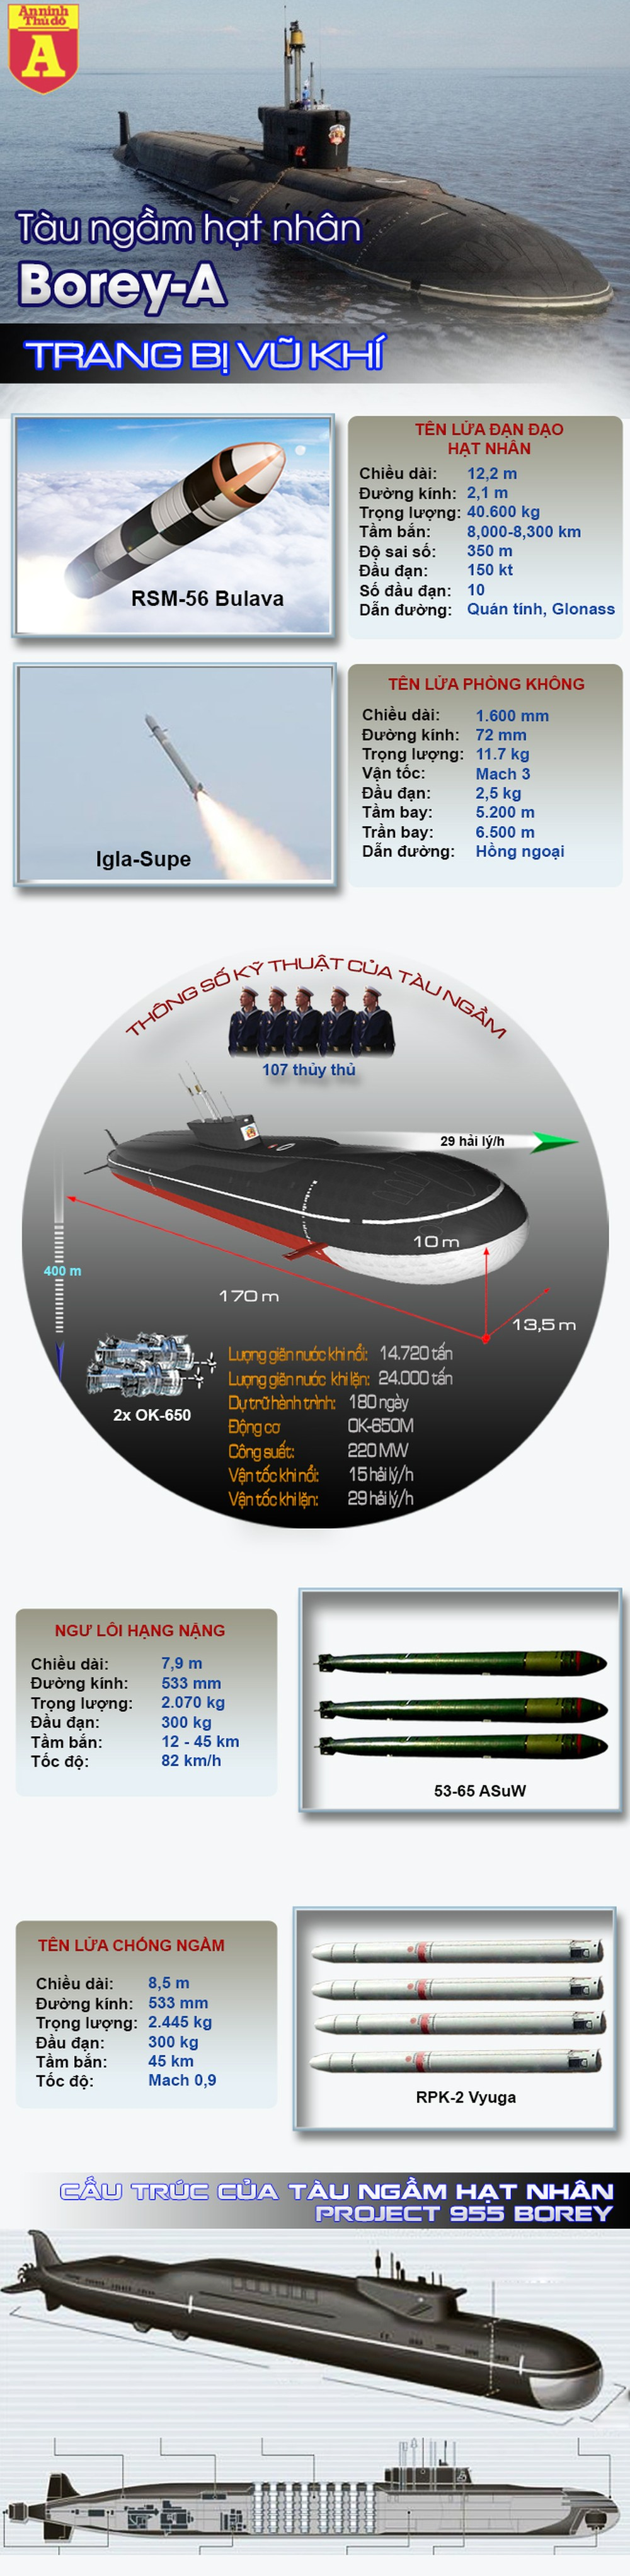 [Infographic] Siêu tàu ngầm hạt nhân Borey-A ra mắt khiến Mỹ giật mình ảnh 2